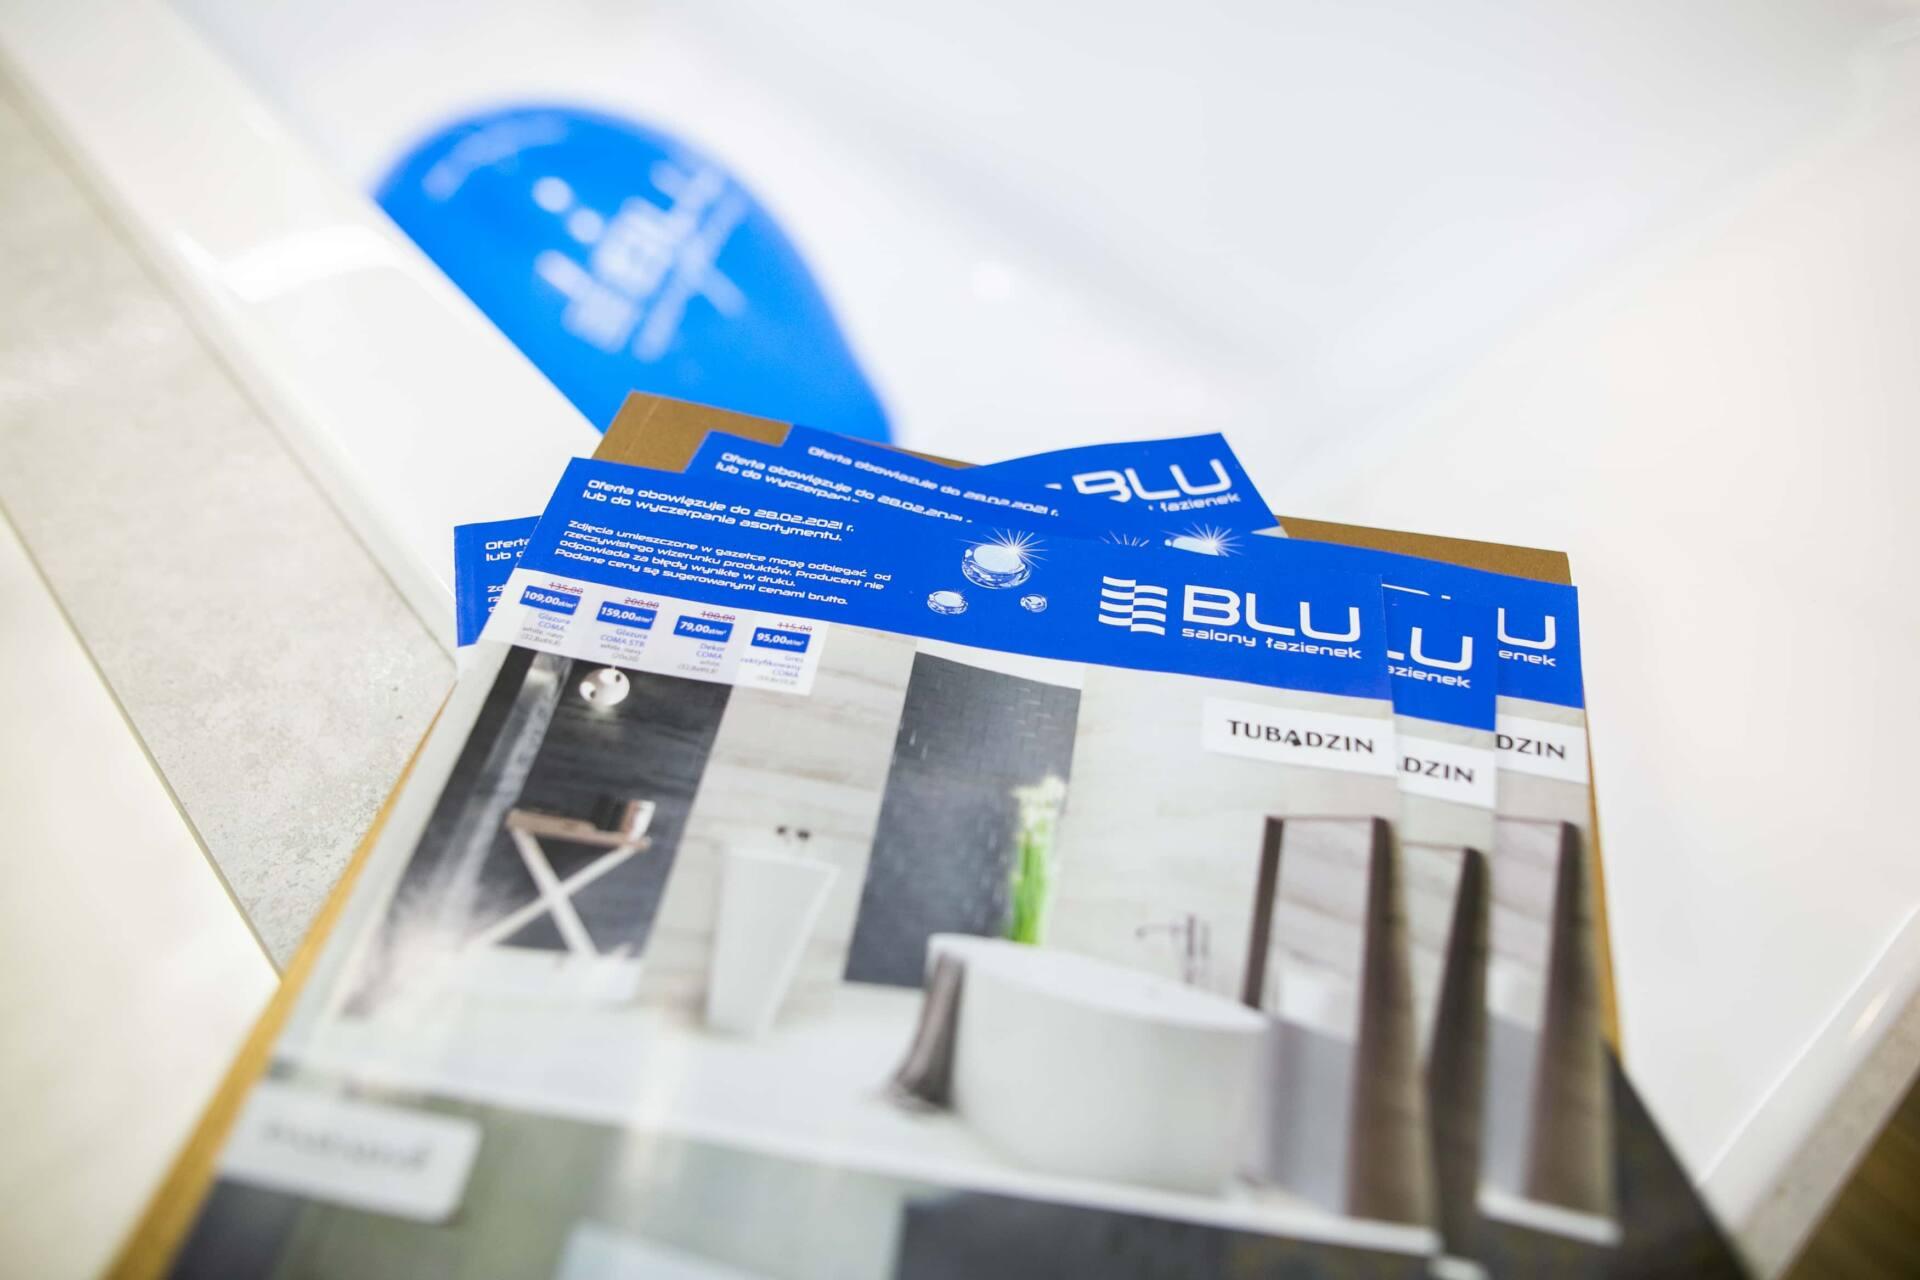 5db 5576 Nowy salon łazienek BLU w Zamościu już otwarty! Publikujemy 80 zdjęć